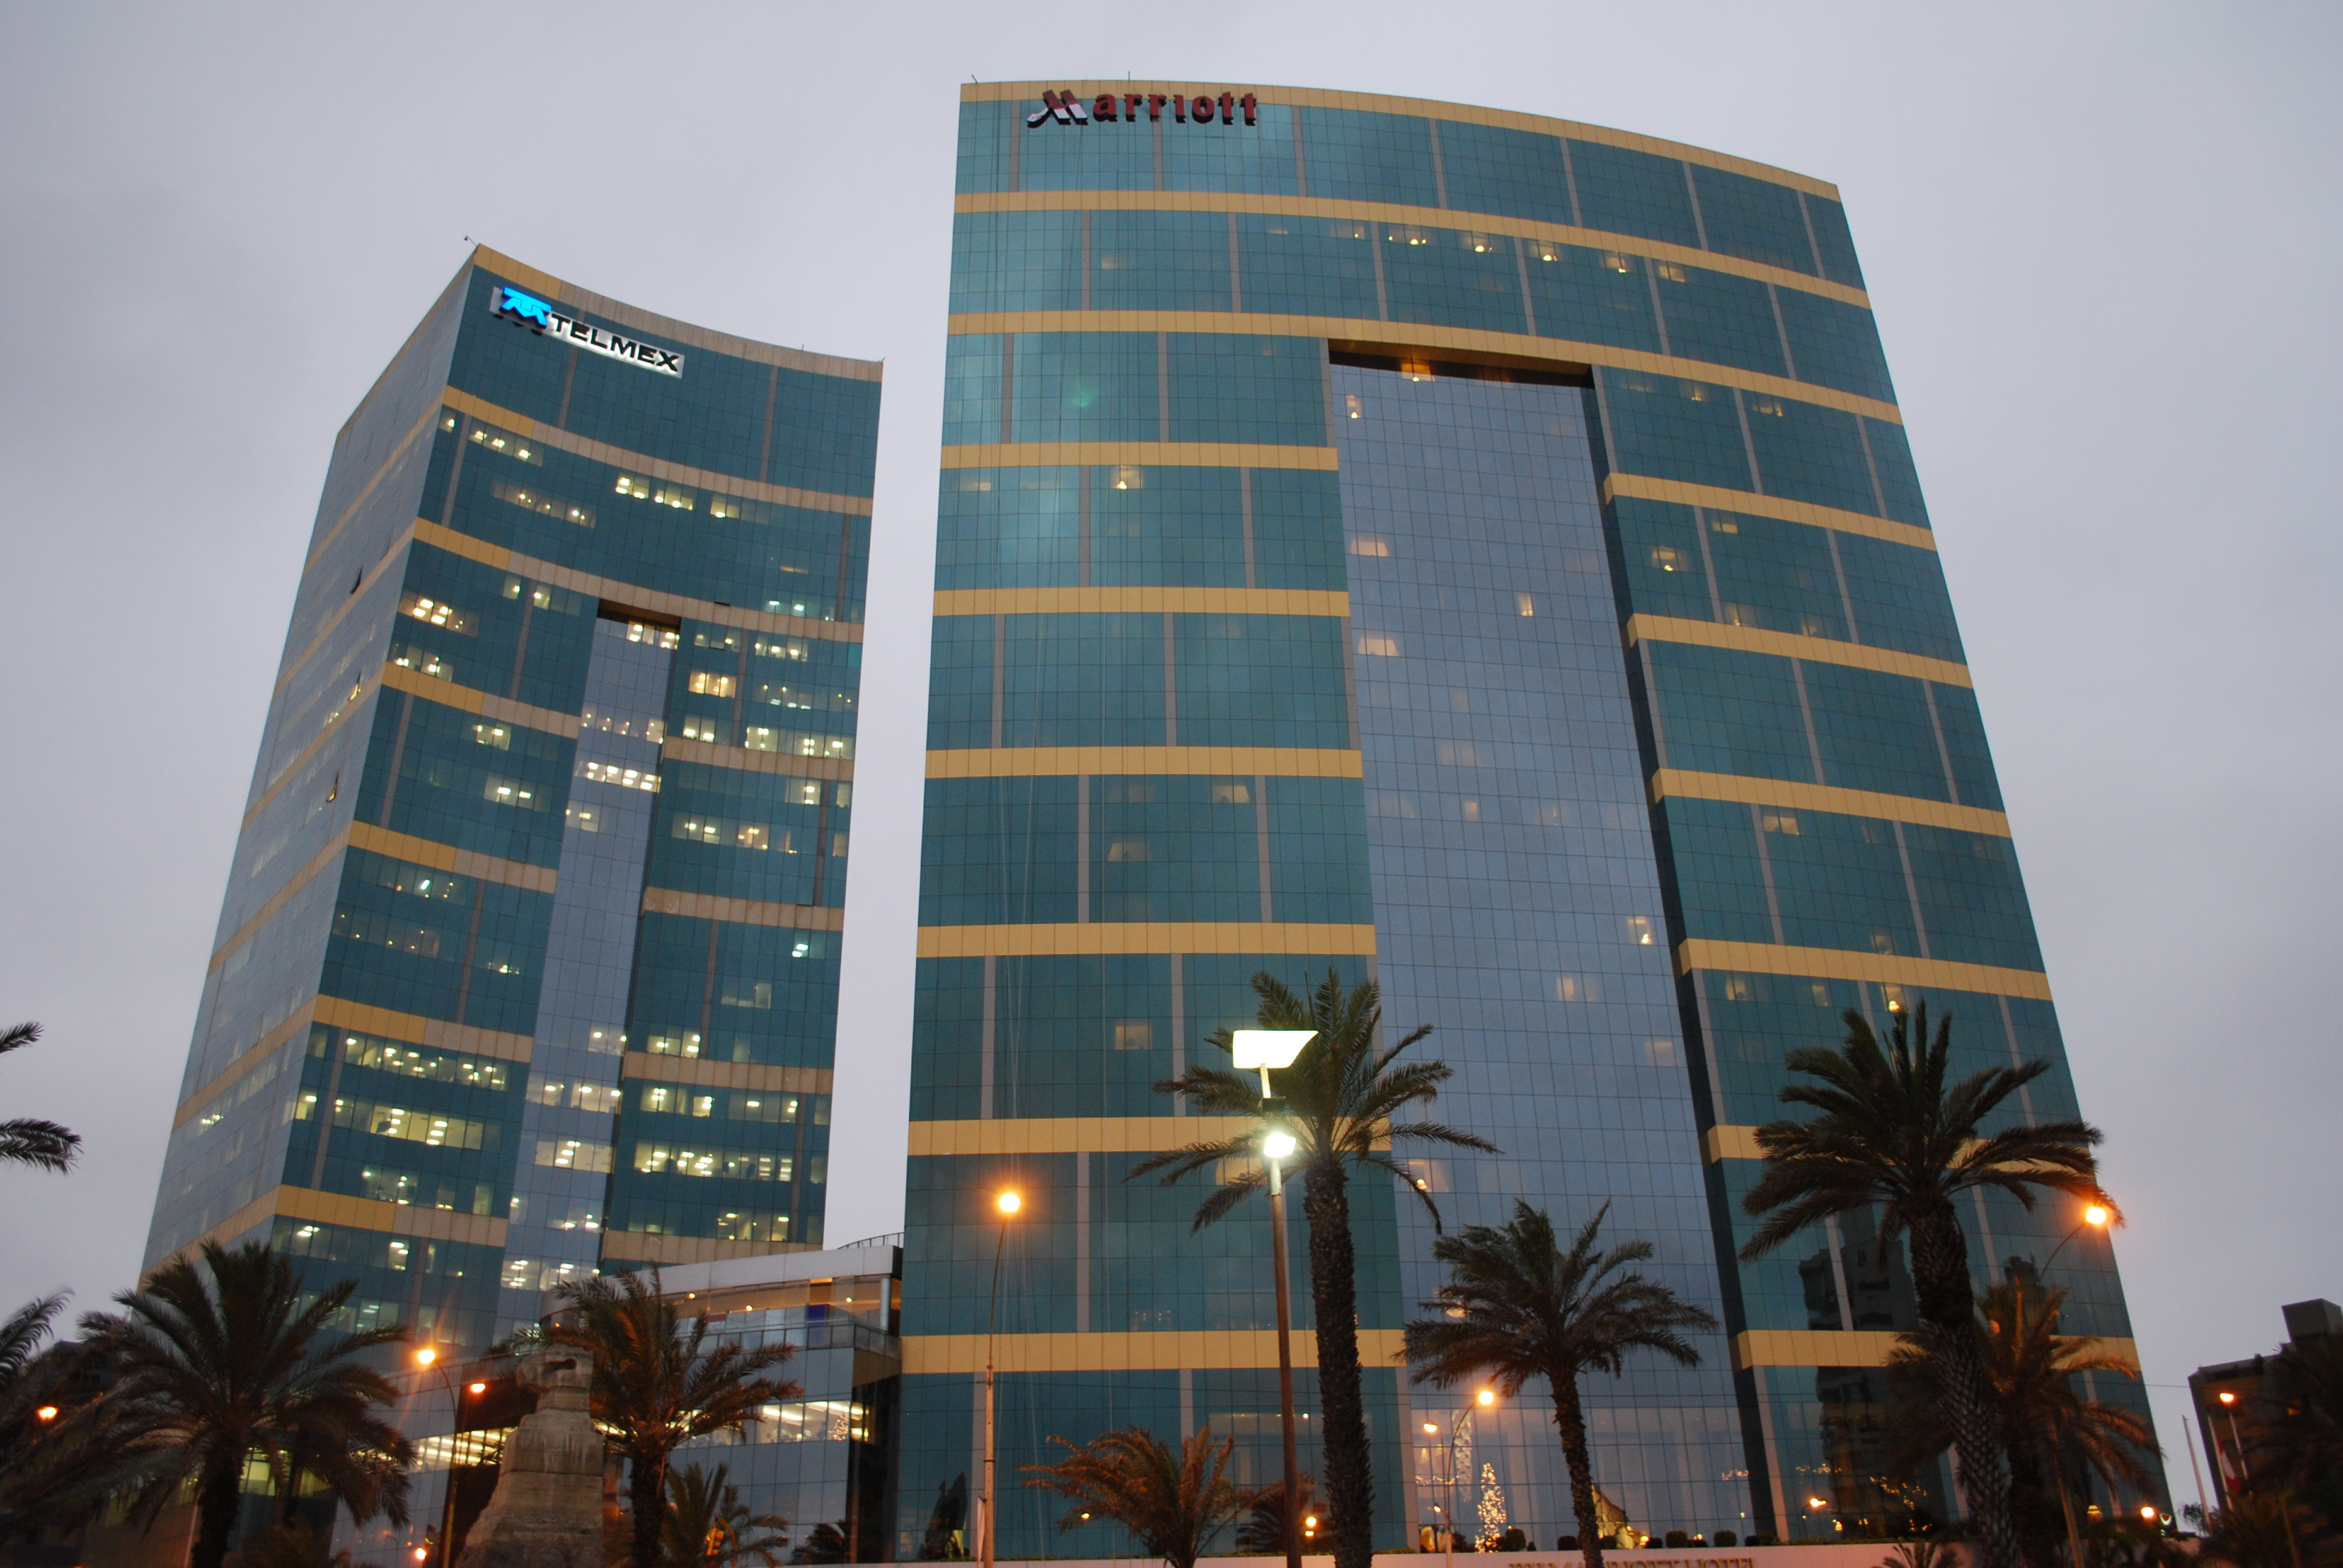 Hotel El Marriott Isla Verde Numero